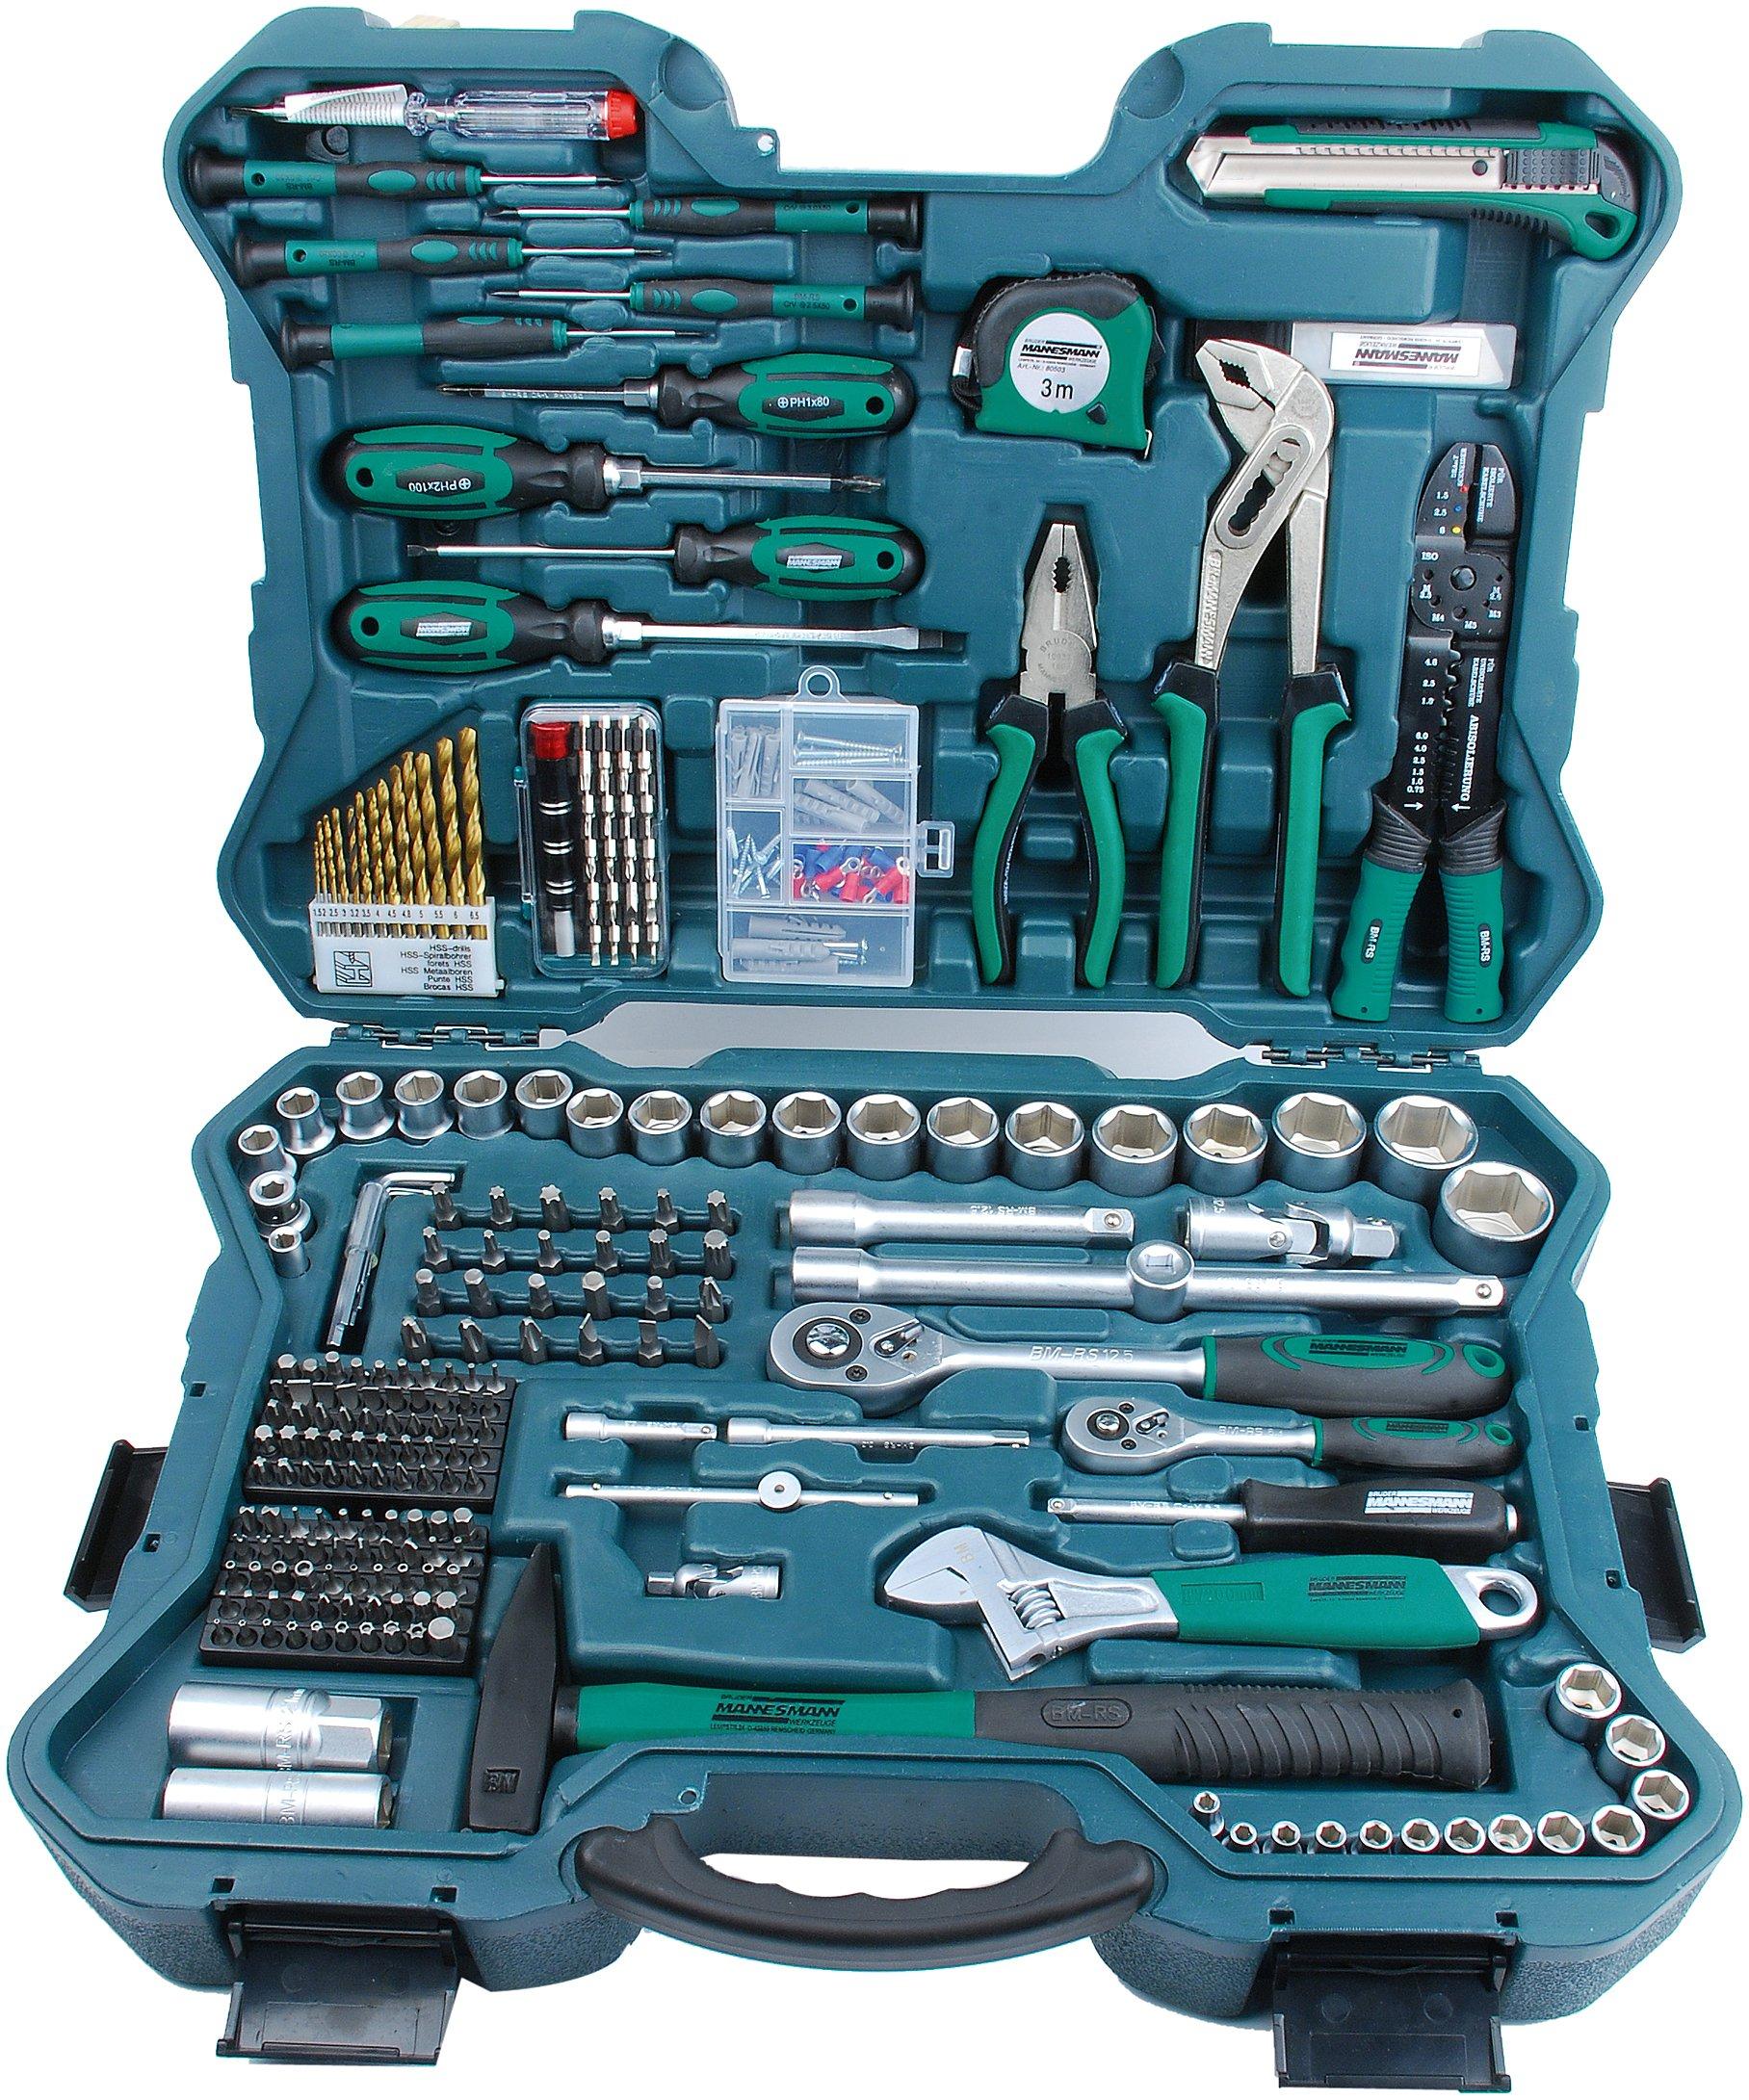 Mannesmann Tool Set (303 Pieces) by Brder Mannesmann by Br?der Mannesmann Werkzeuge GmbH